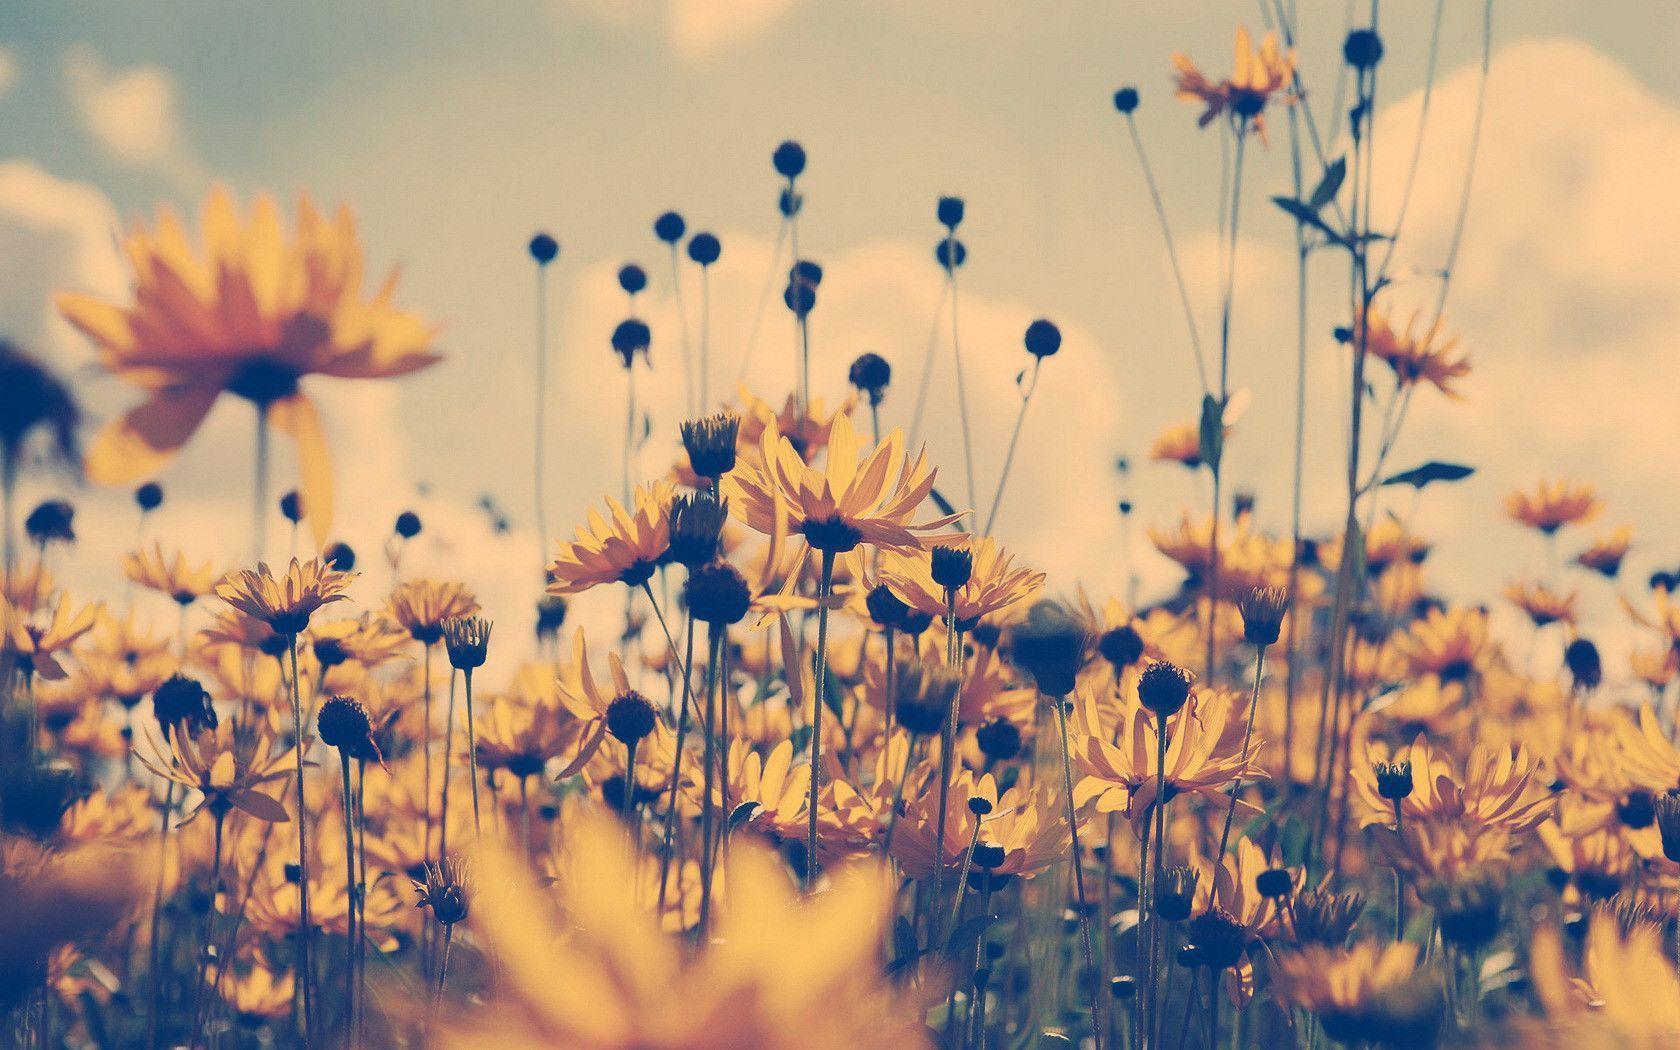 1680x1050 Boho Girl Field Of Flowers hình nền